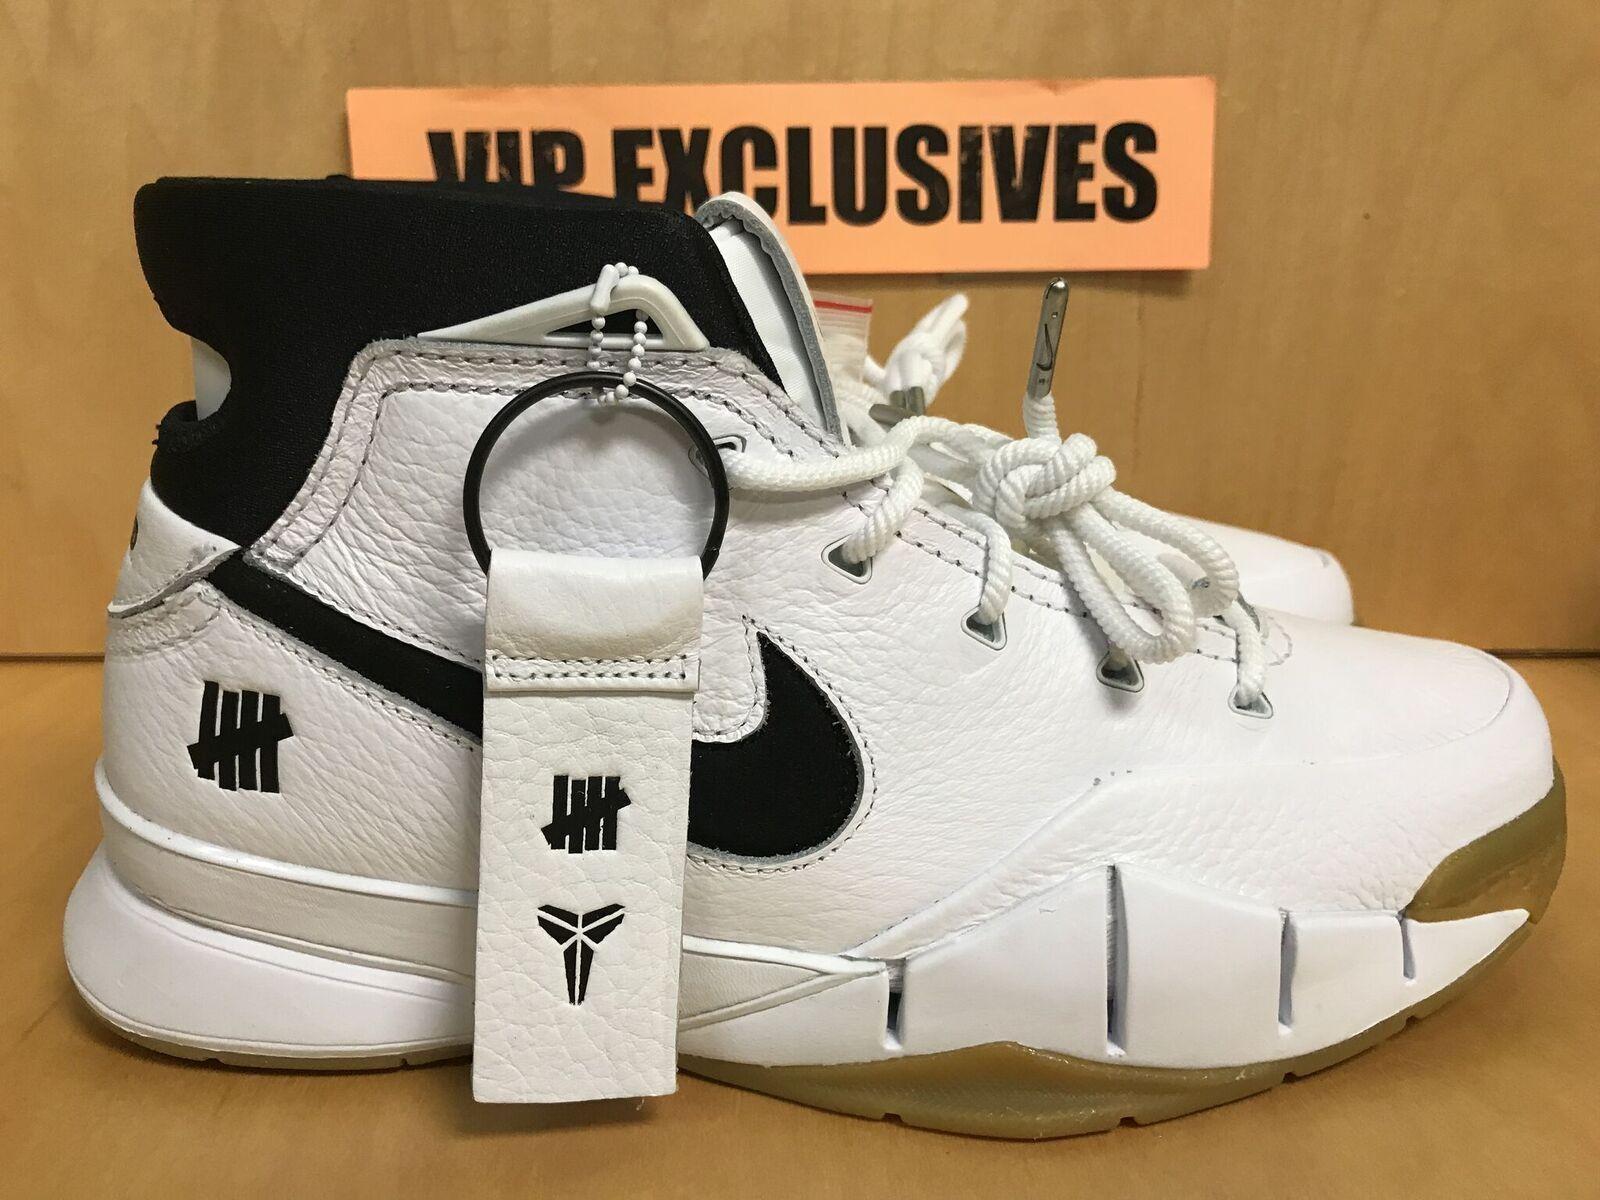 NIKE KOBE 1 PredRO UNDEFEATED WHITE AQ3635-100 LA NBA ALL-STAR EXCLUSIVE